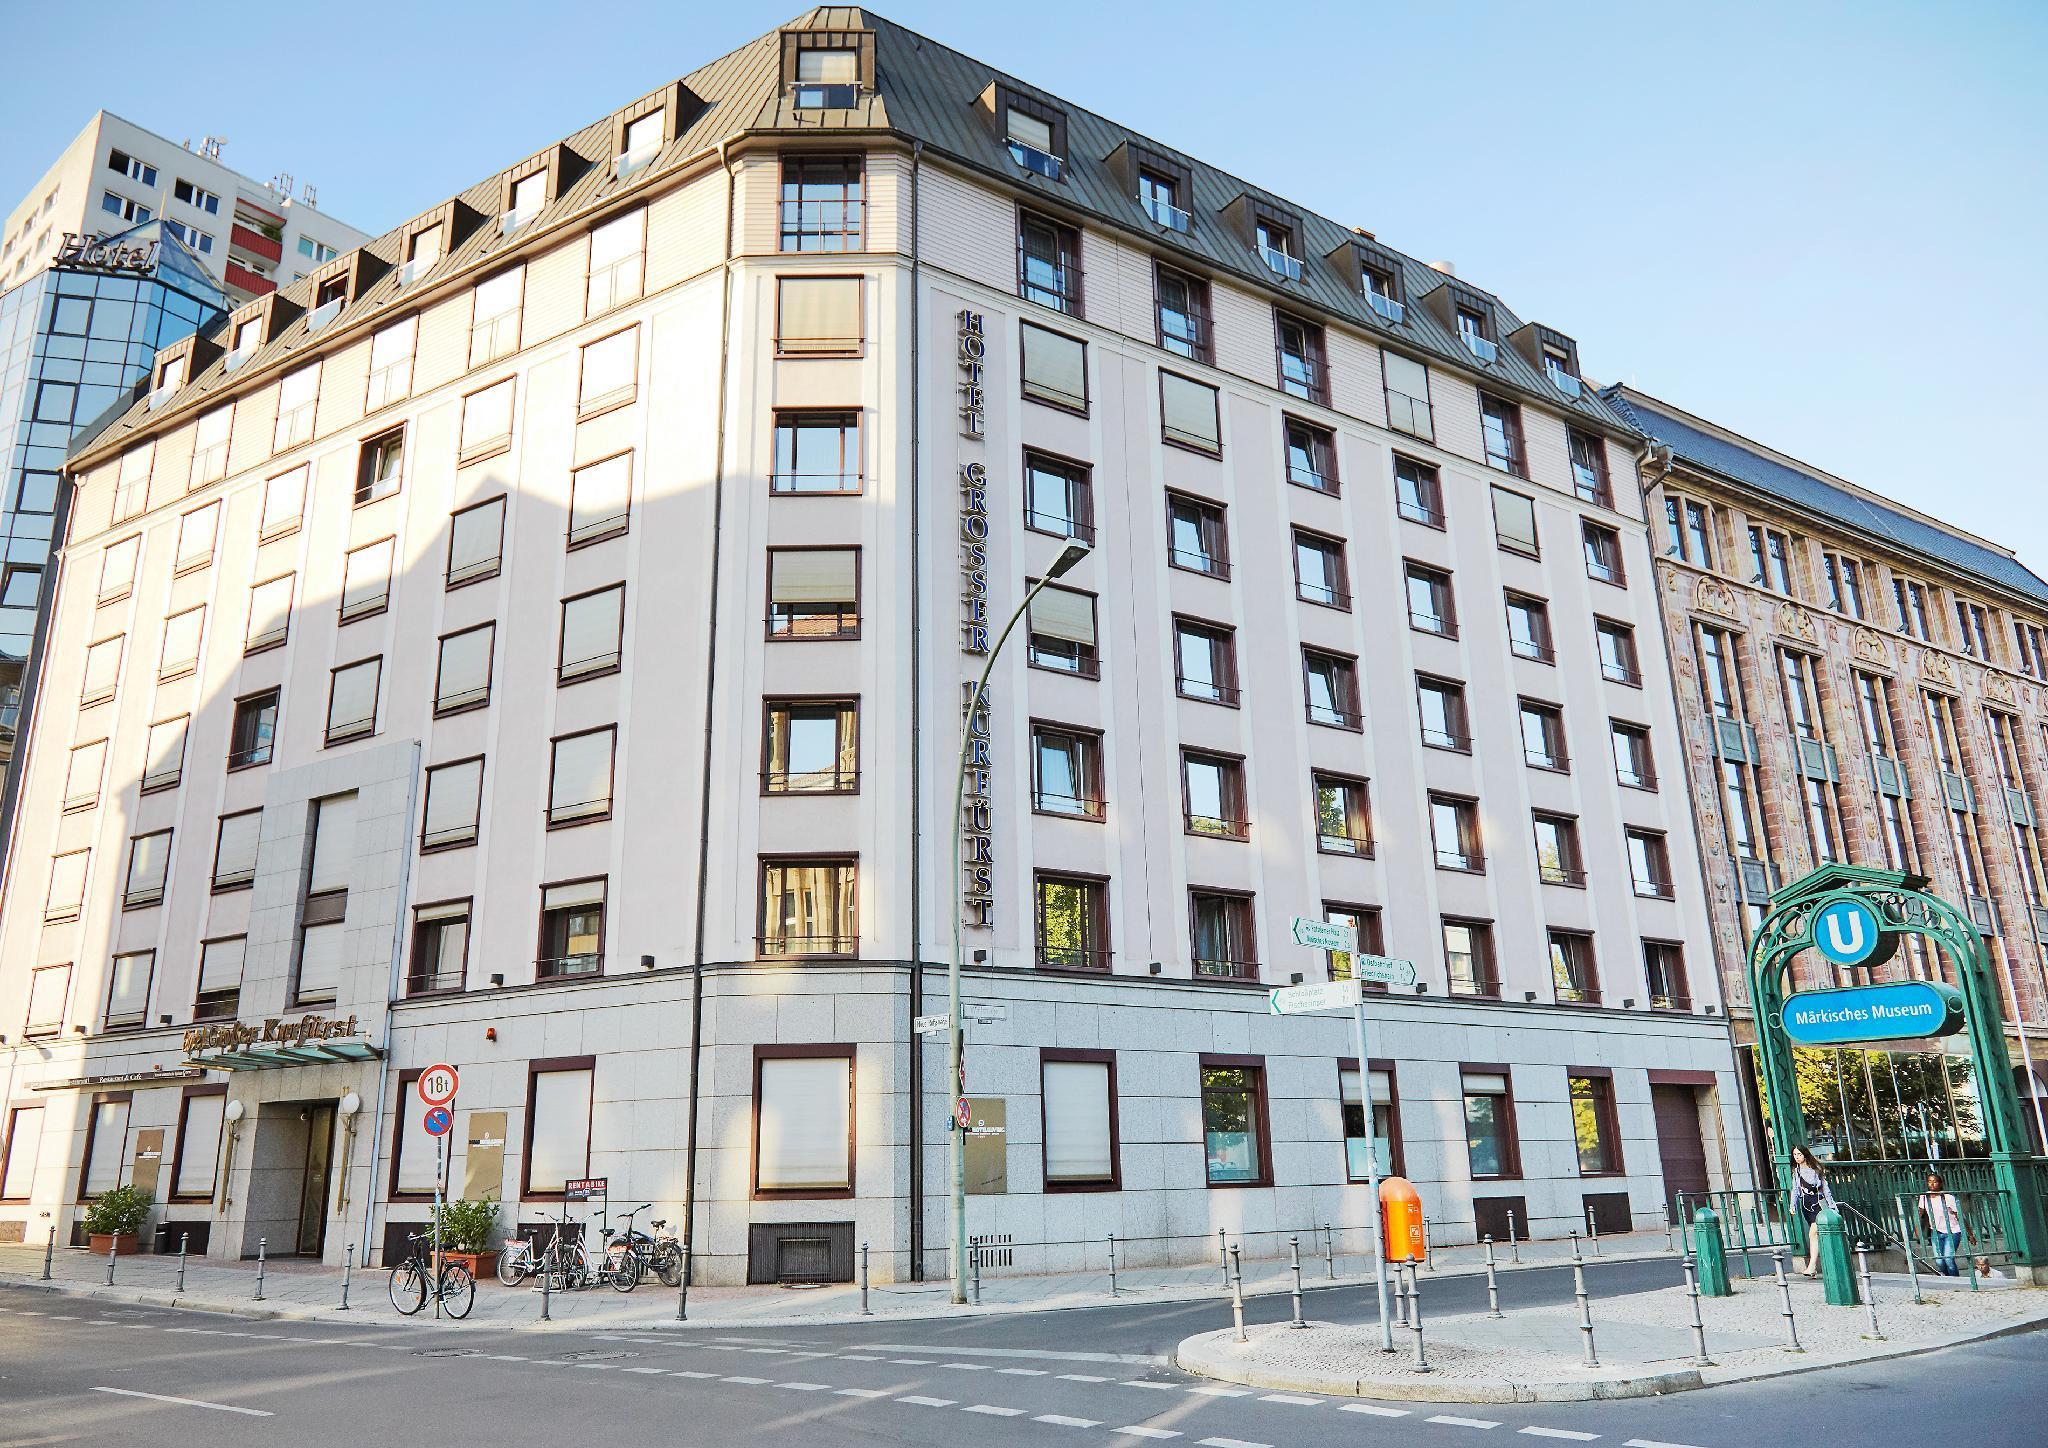 Living Hotel Grosser Kurfuerst